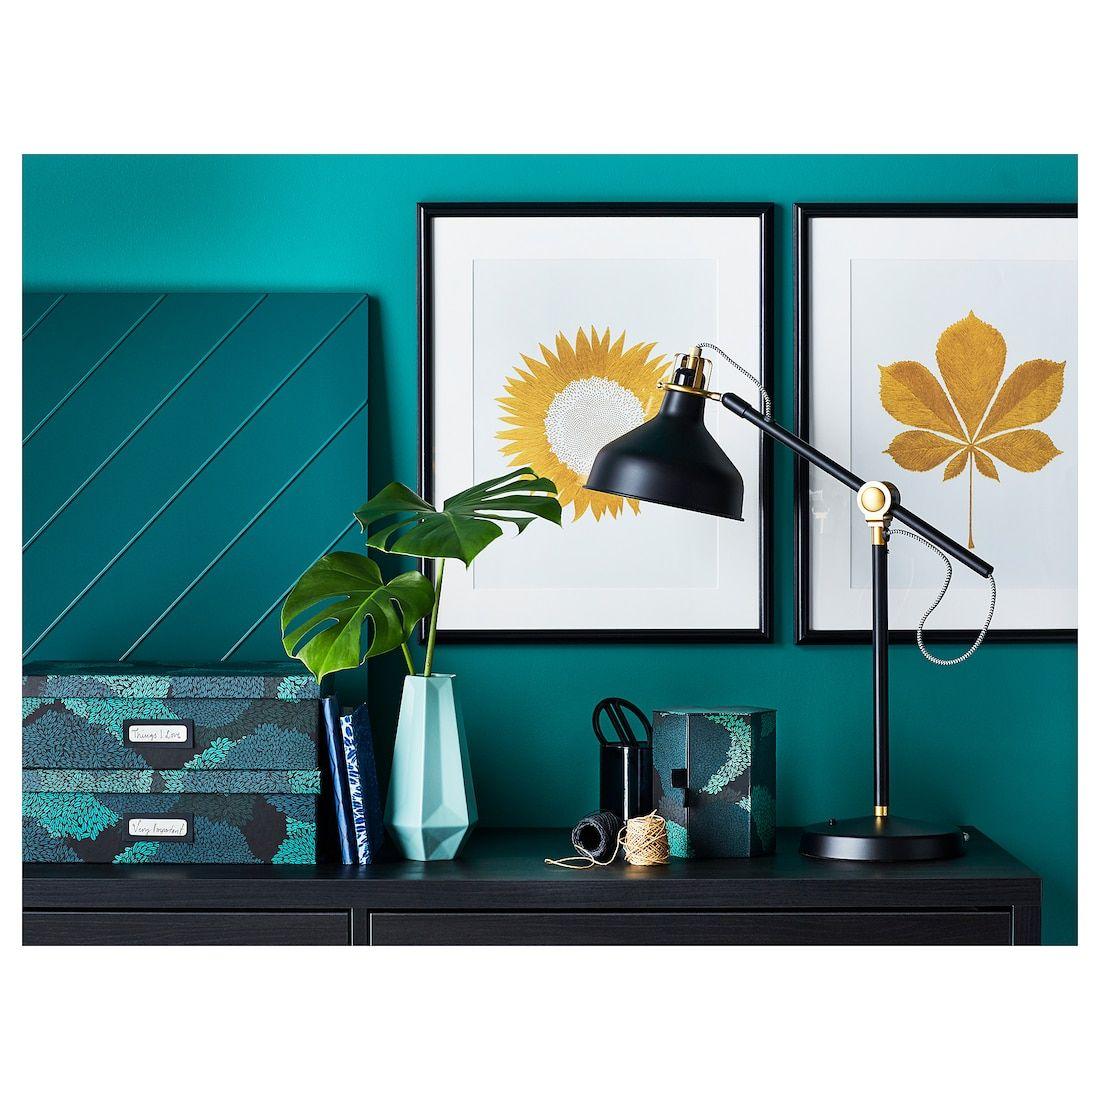 Ranarp Lampe De Bureau Noir Ikea Lampe De Bureau Decoration Interieure Et Exterieure Lampes Noires